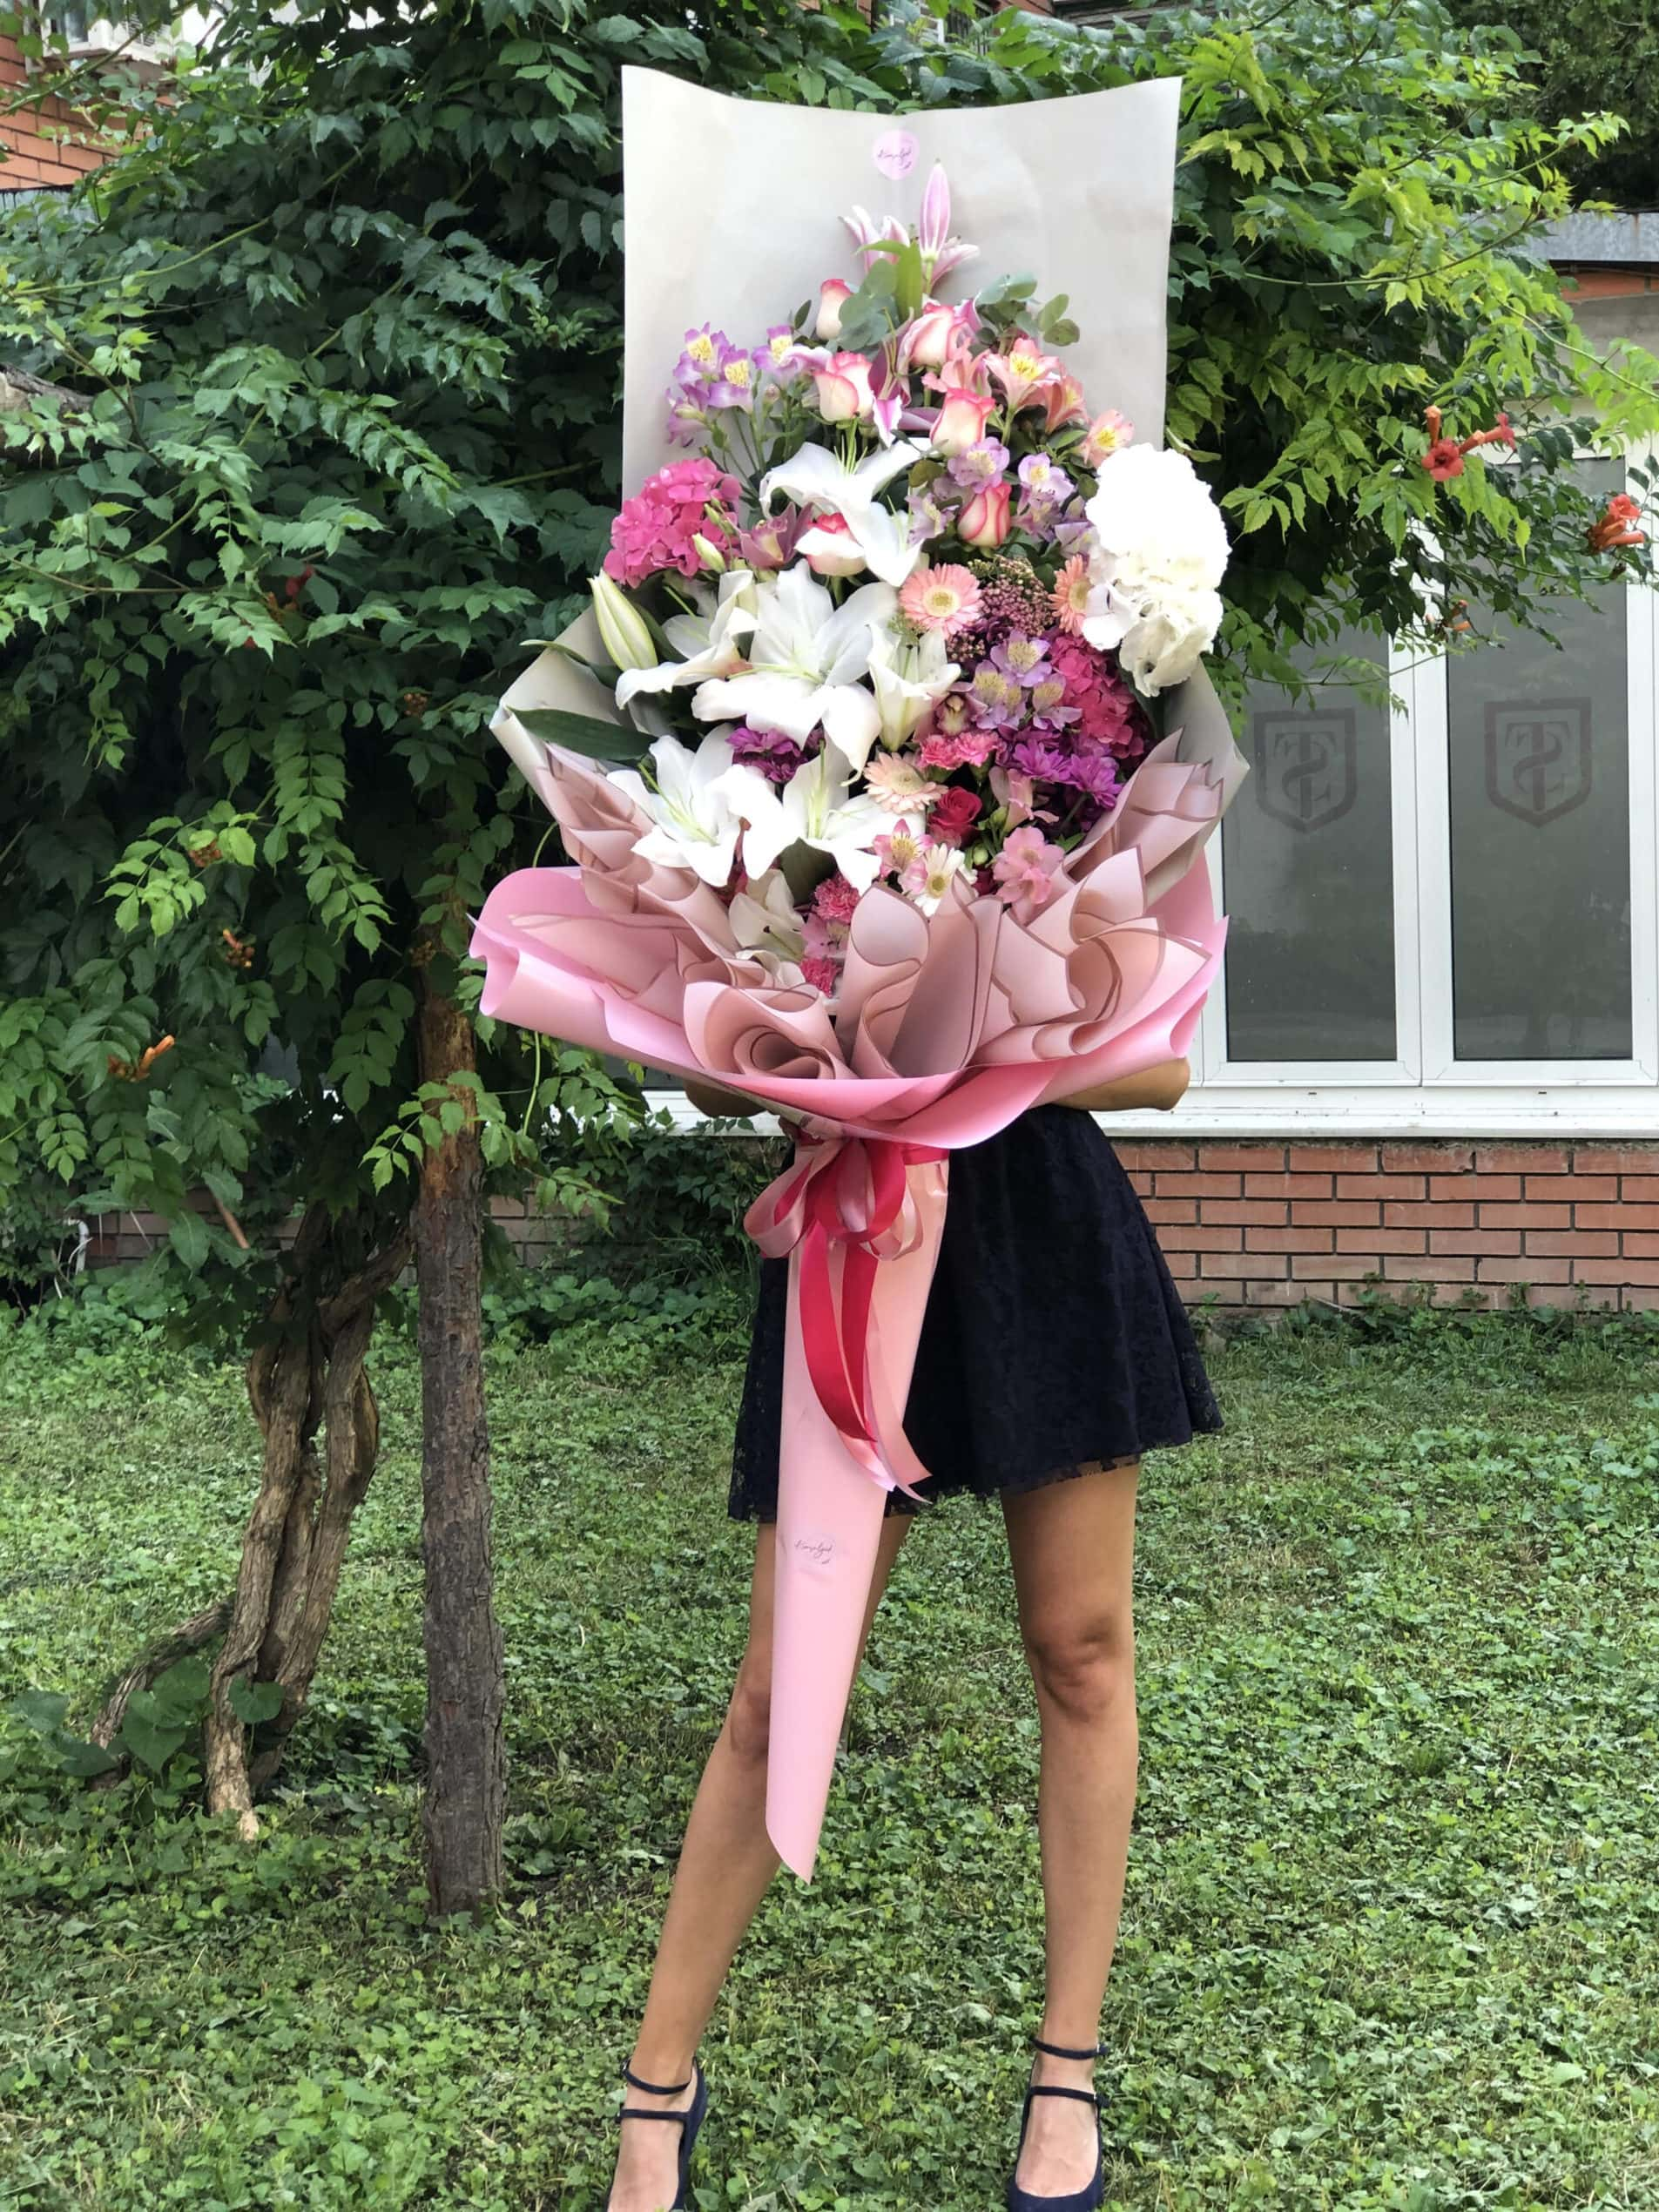 Cvece - ljiljani, rozi ukrasni papir